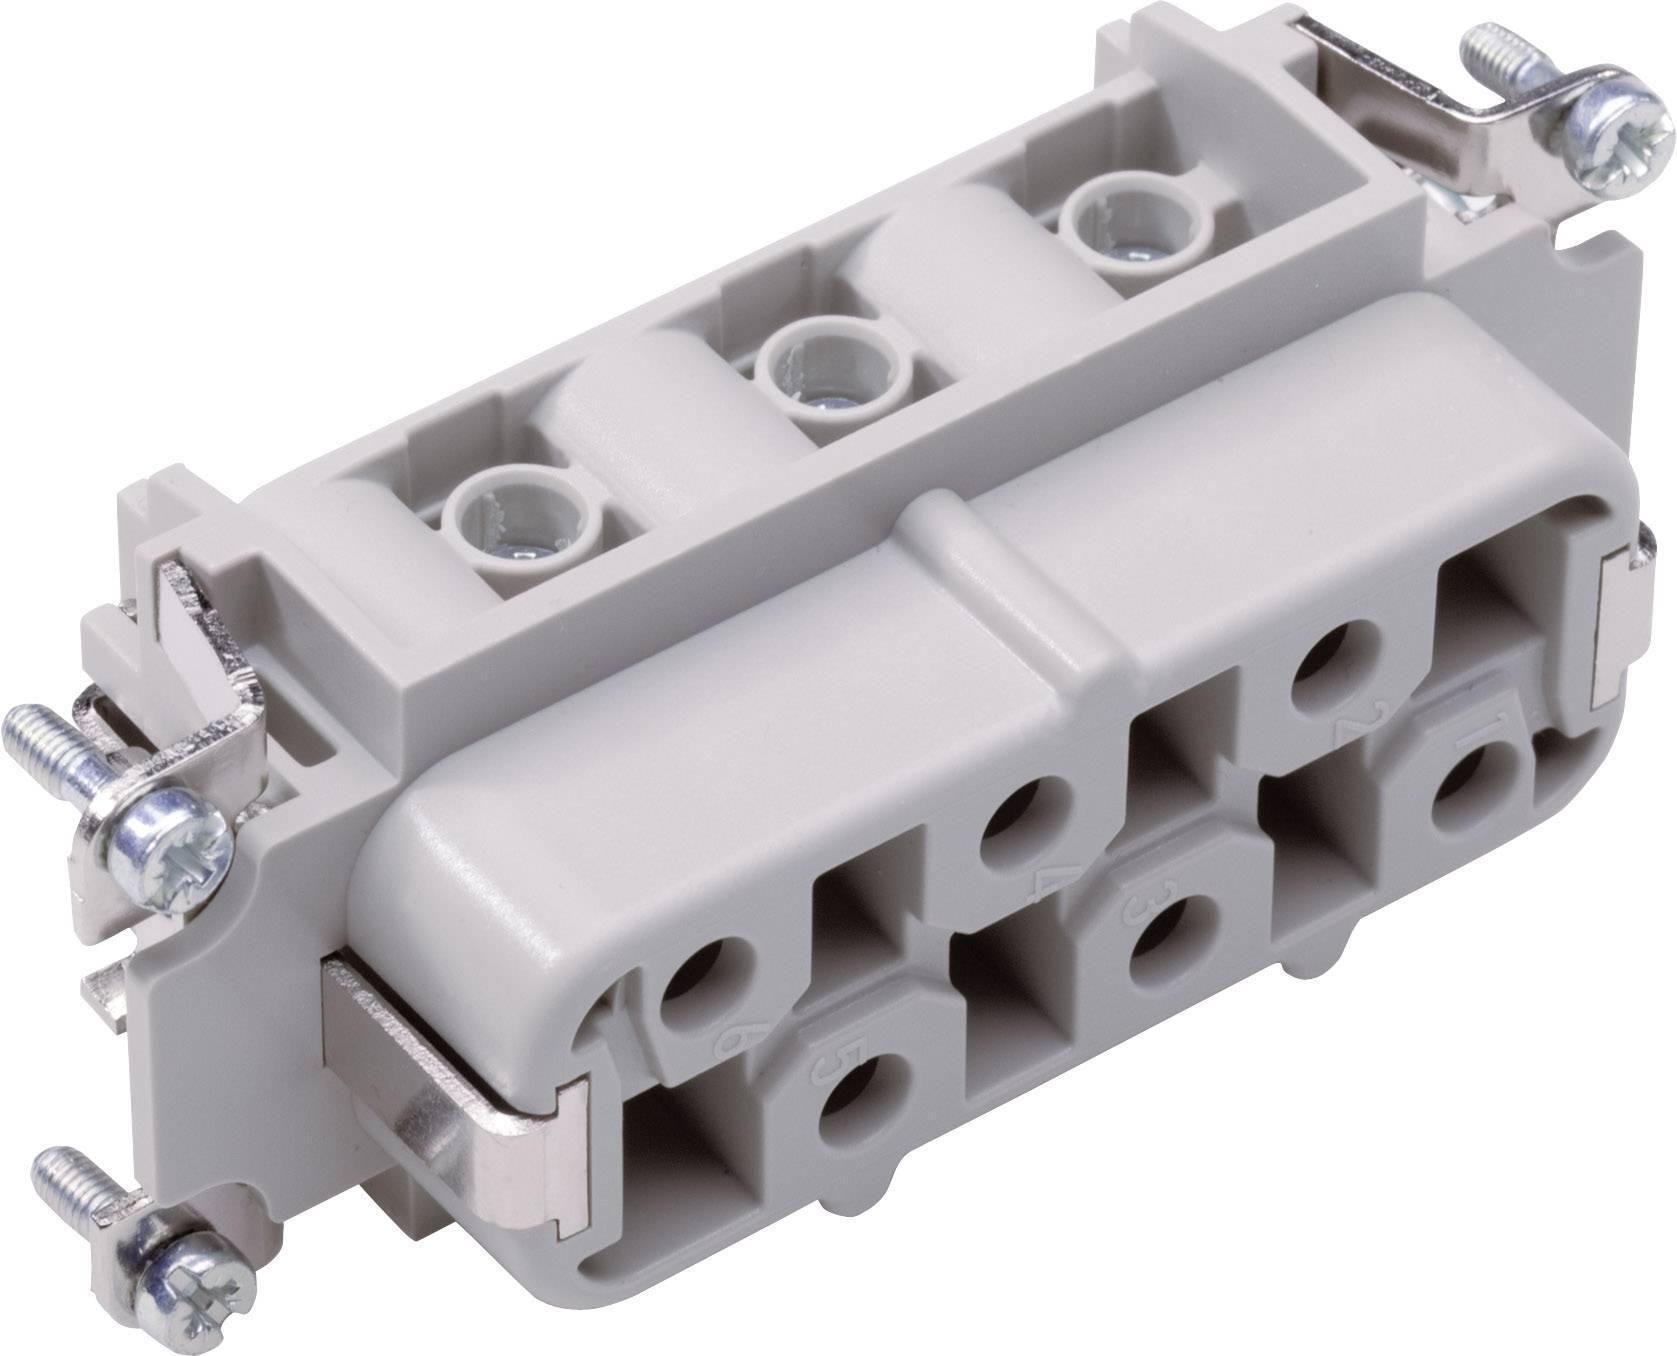 Sada konektorové zásuvky EPIC® H-BS 6 10171000 LappKabel počet kontaktů 6 + PE 1 ks